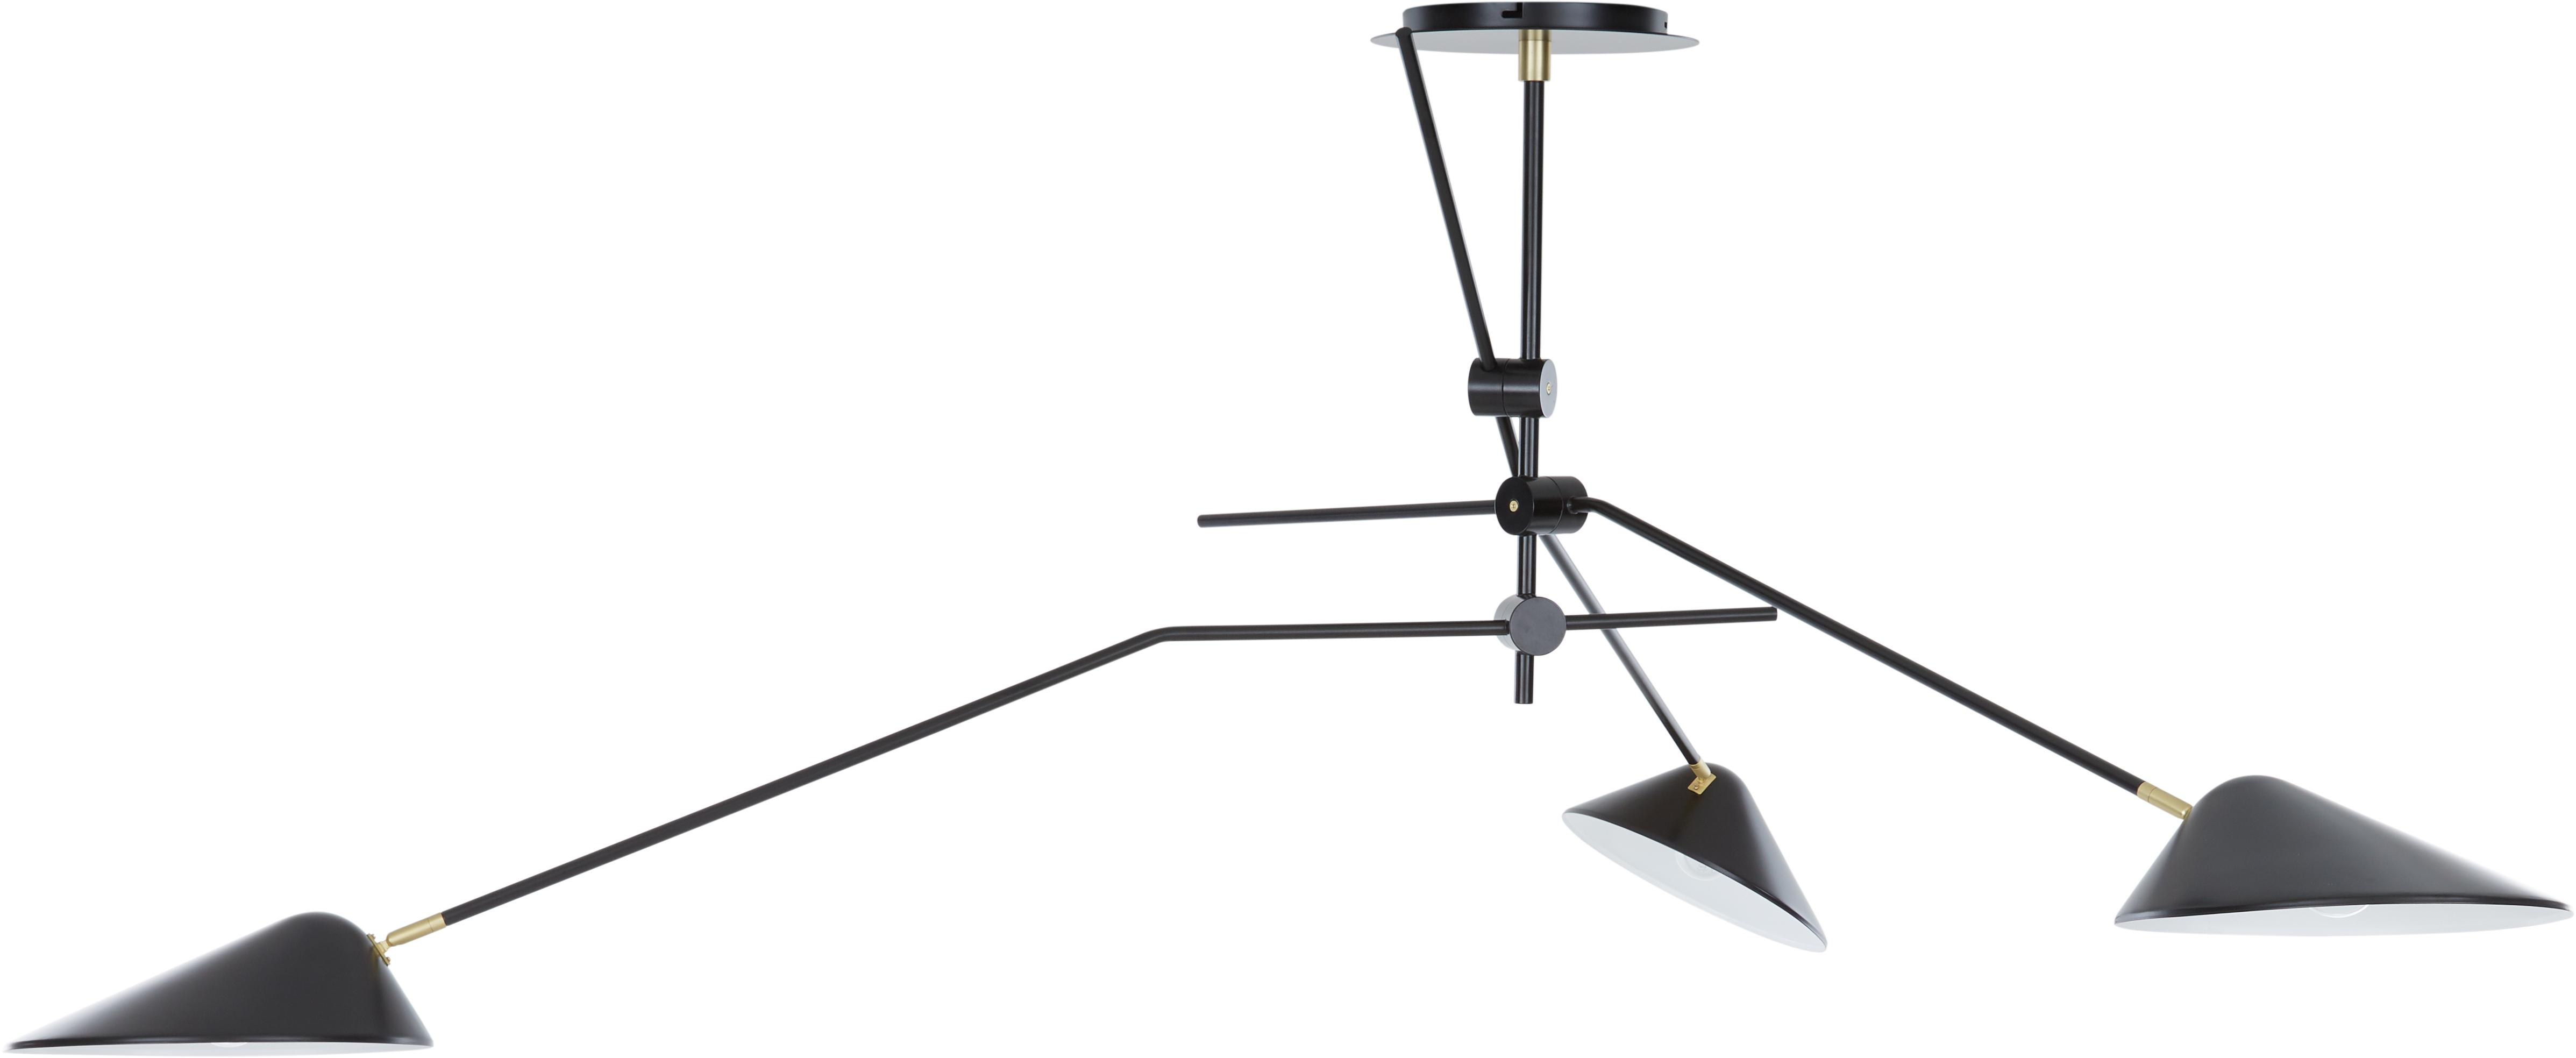 Grosse Deckenleuchte Neron, Baldachin: Metall, pulverbeschichtet, Black, 173 x 52 cm